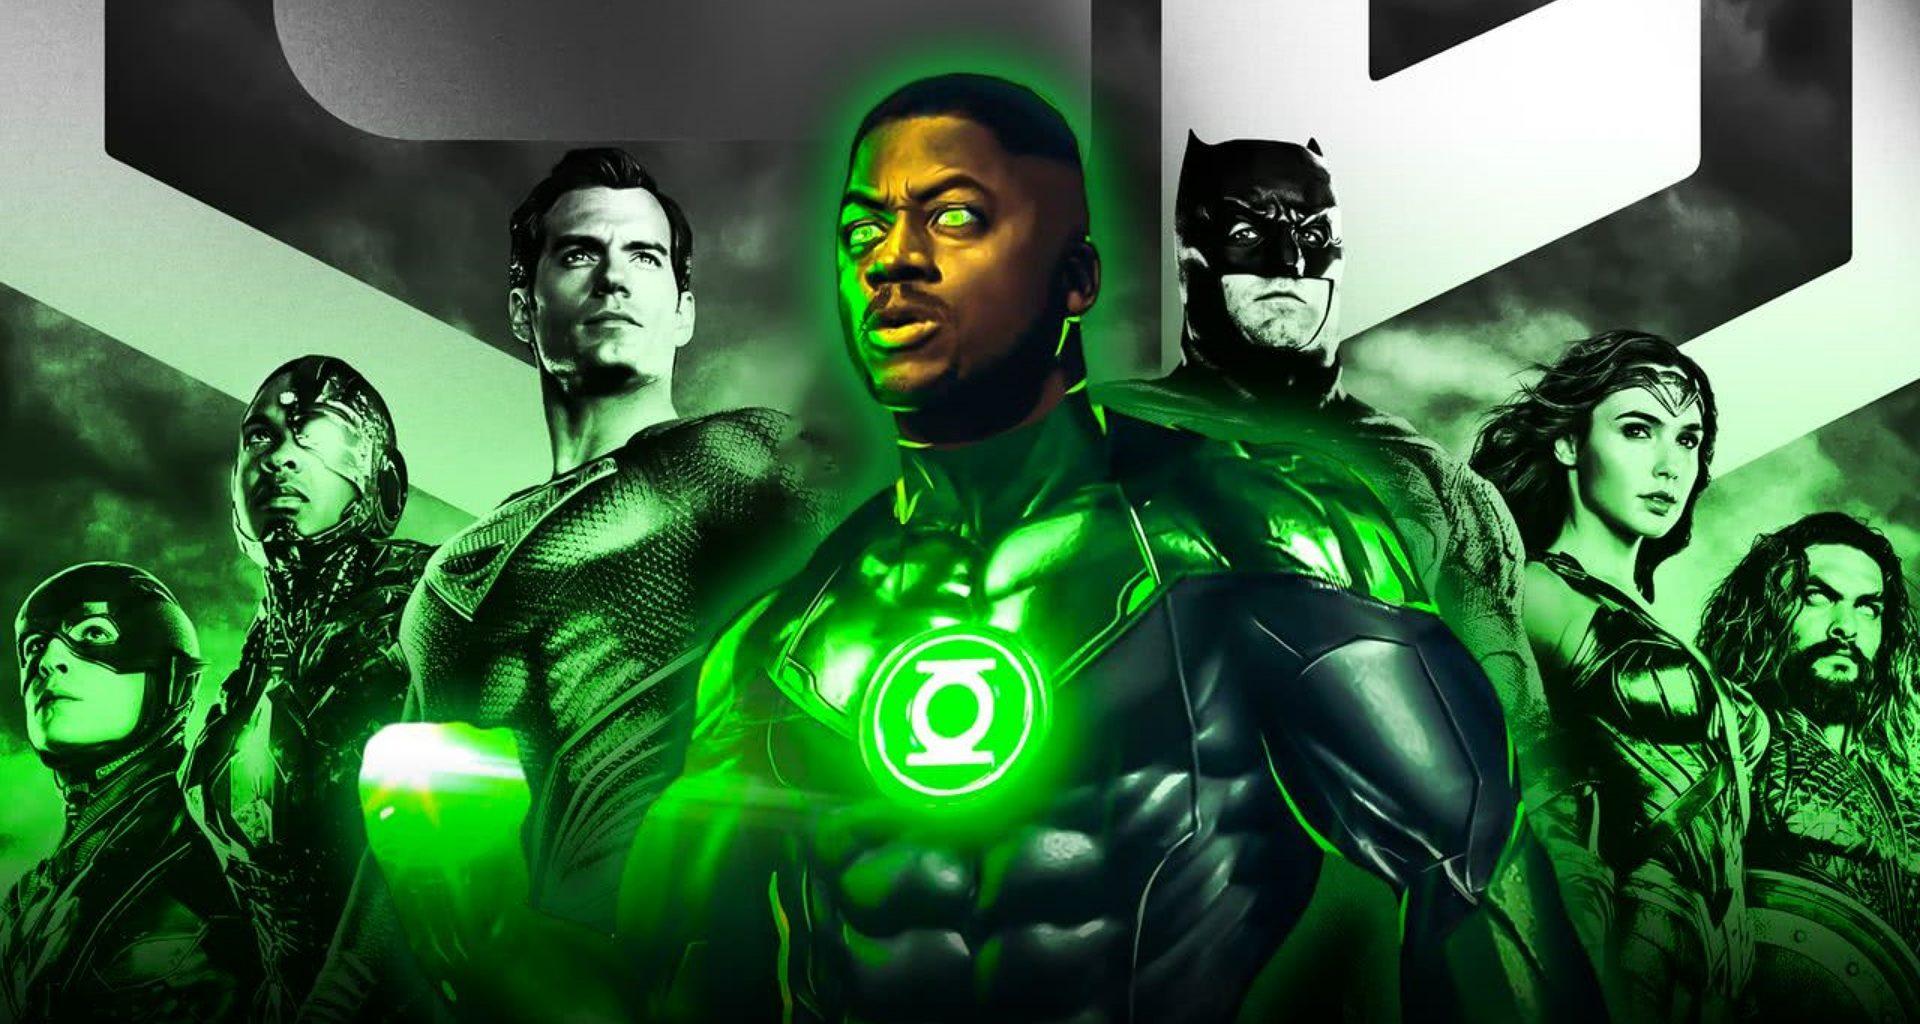 liga da justica lanterna verde